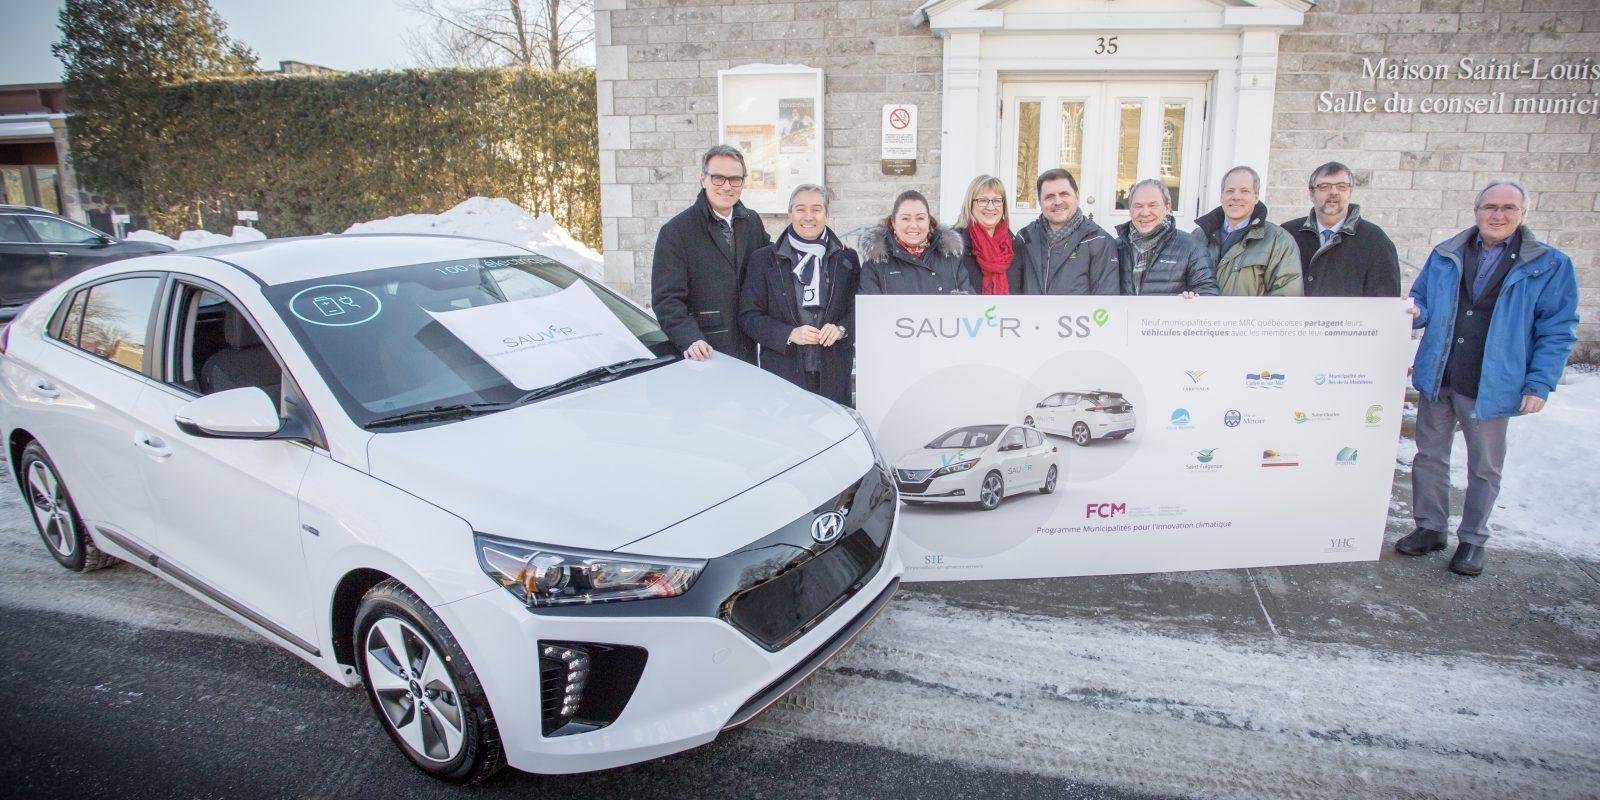 Projet de véhicule électrique en autopartage bientôt à Varennes